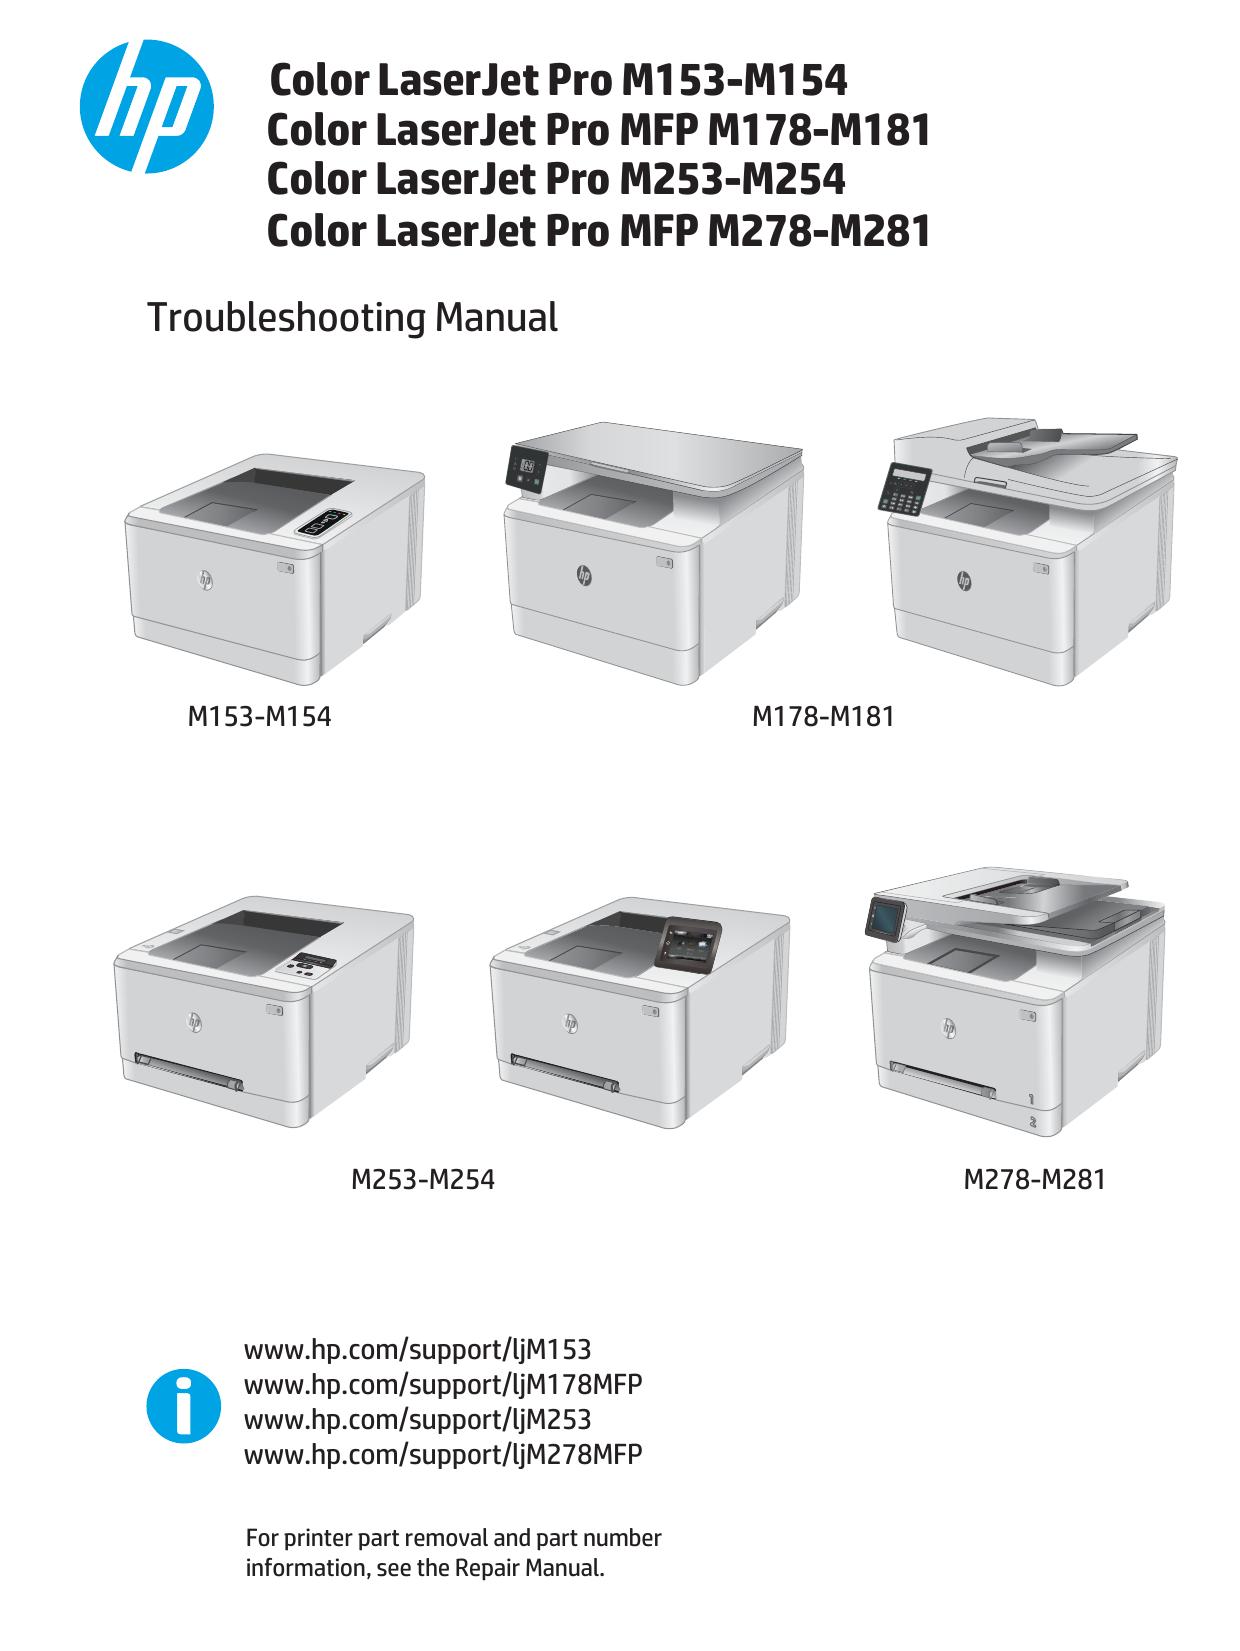 Hp Color Laserjet Pro M153 M154 M253 M254 Mfp M178 Manualzz